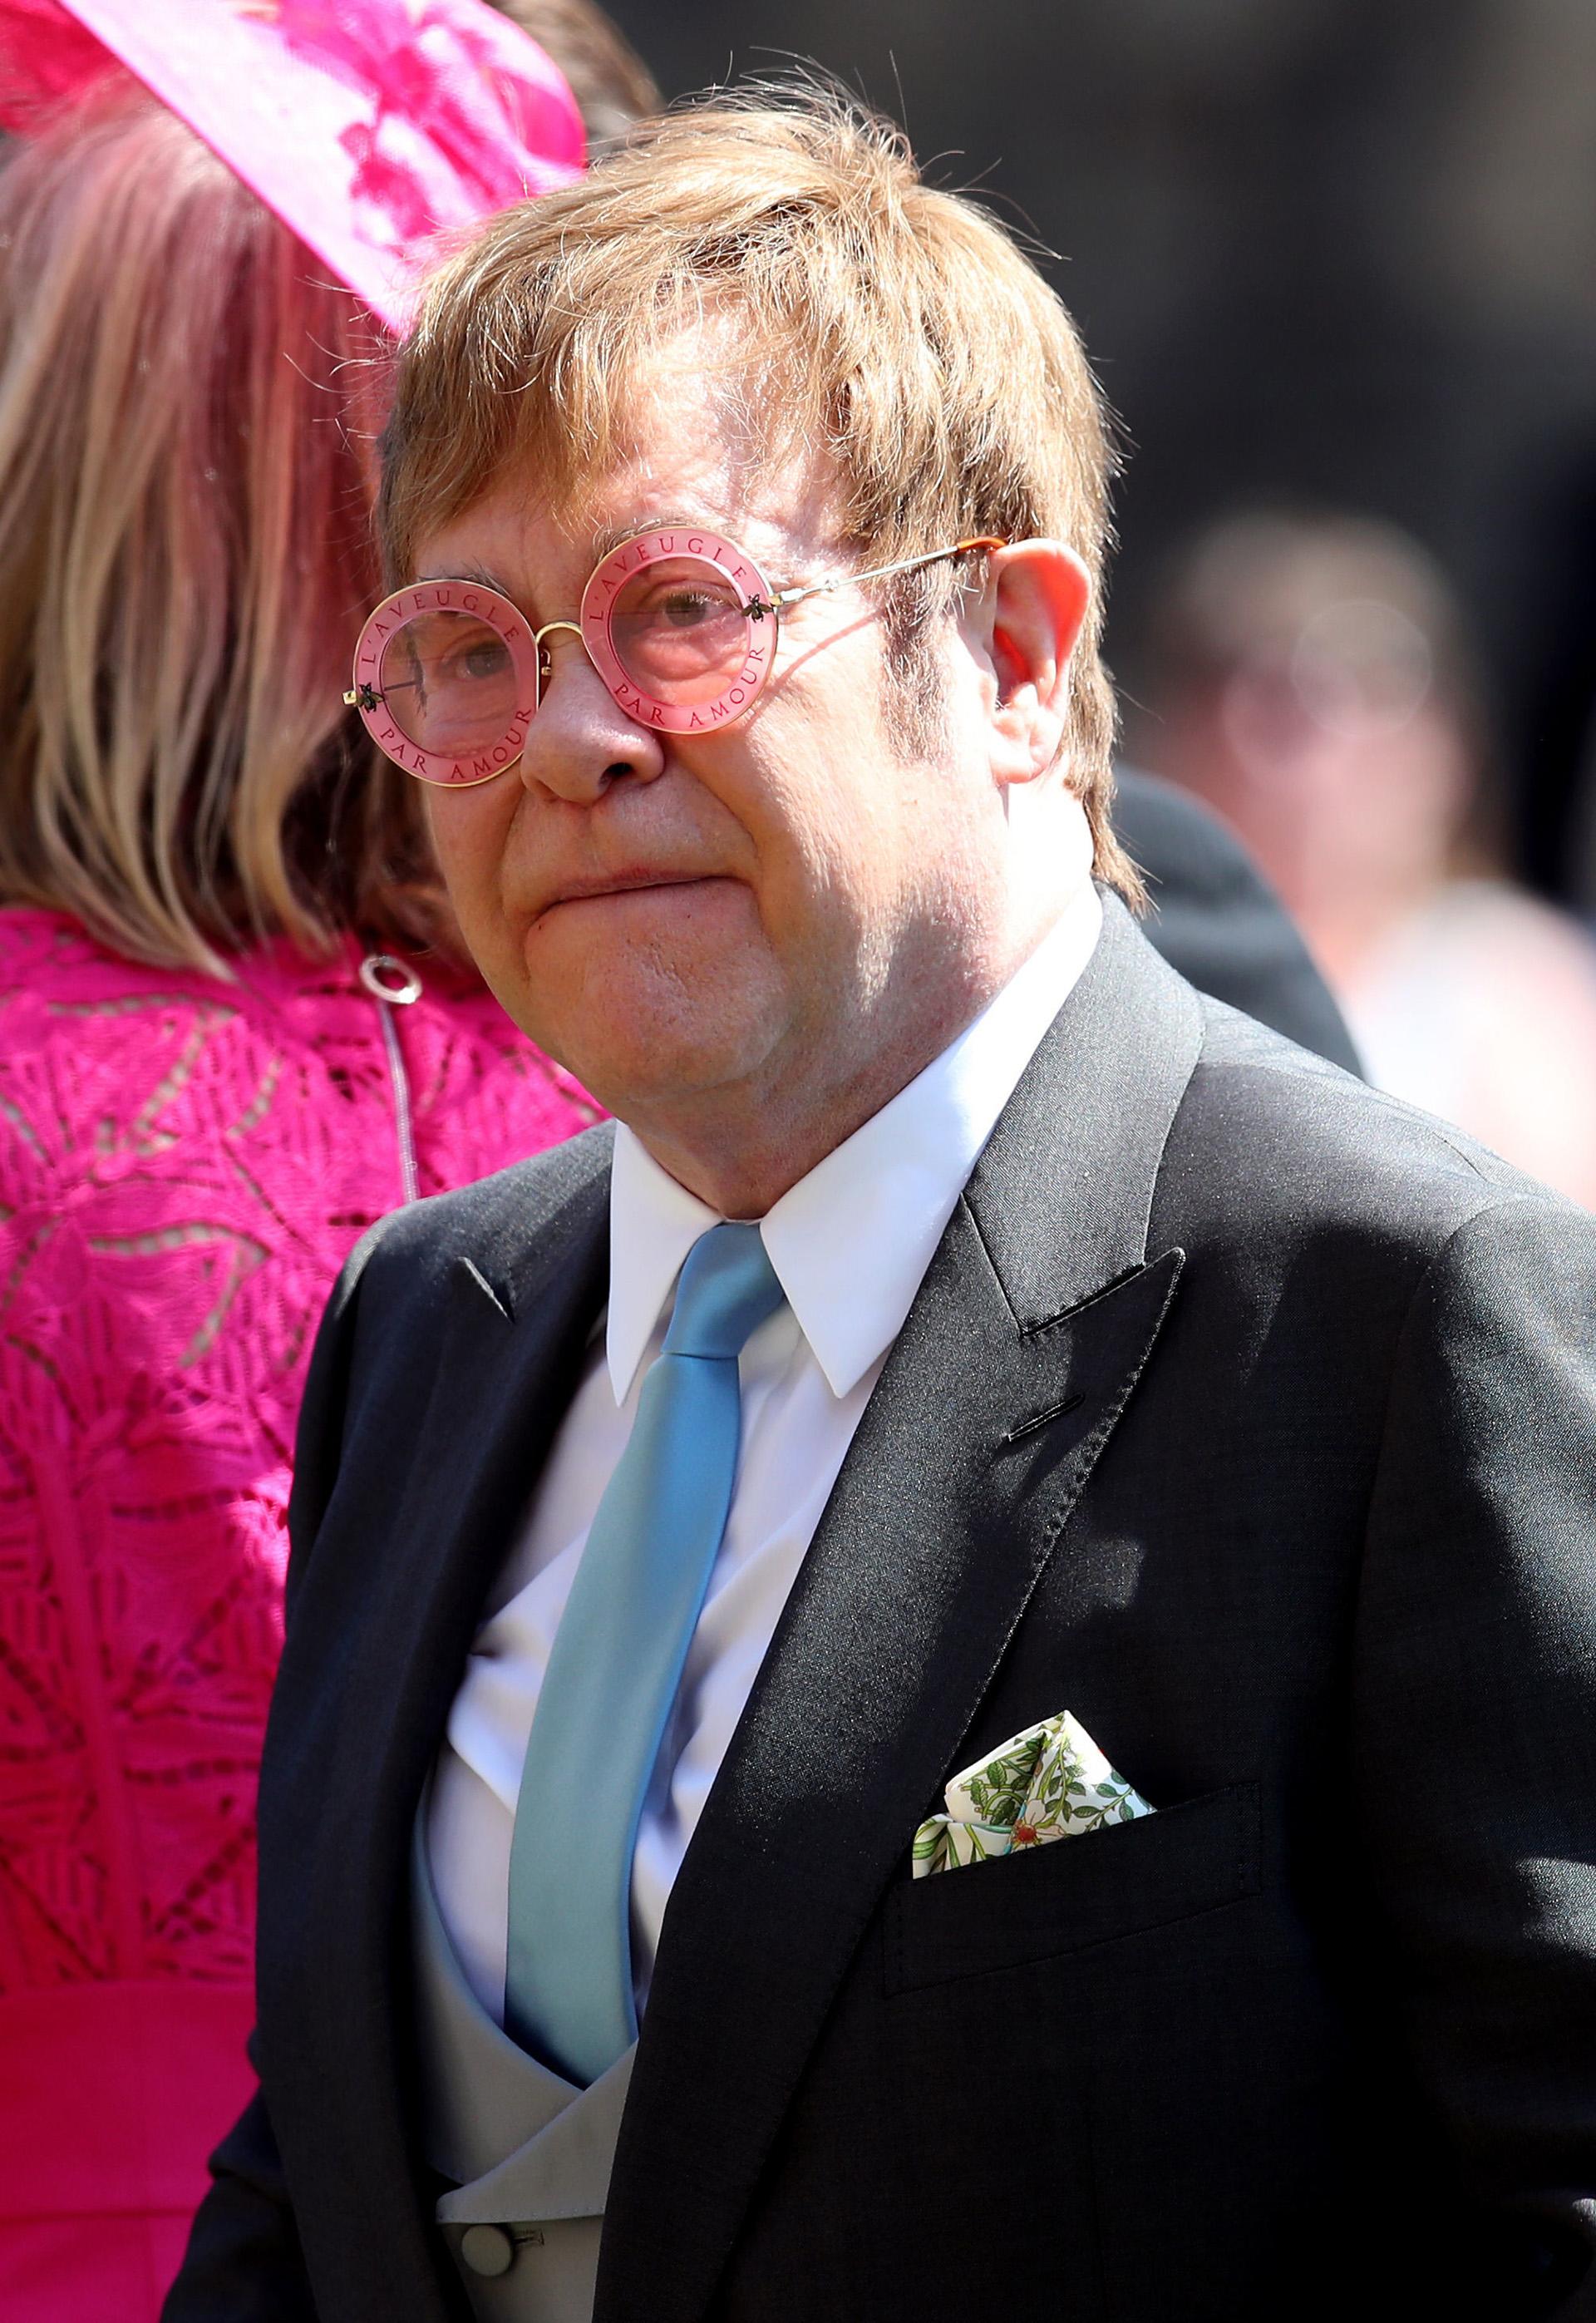 """Elton John y unosanteojos perfectos para la boda con la inscripción """"l'aveuglé par l'amour"""" (cegado por el amor) (AFP)"""